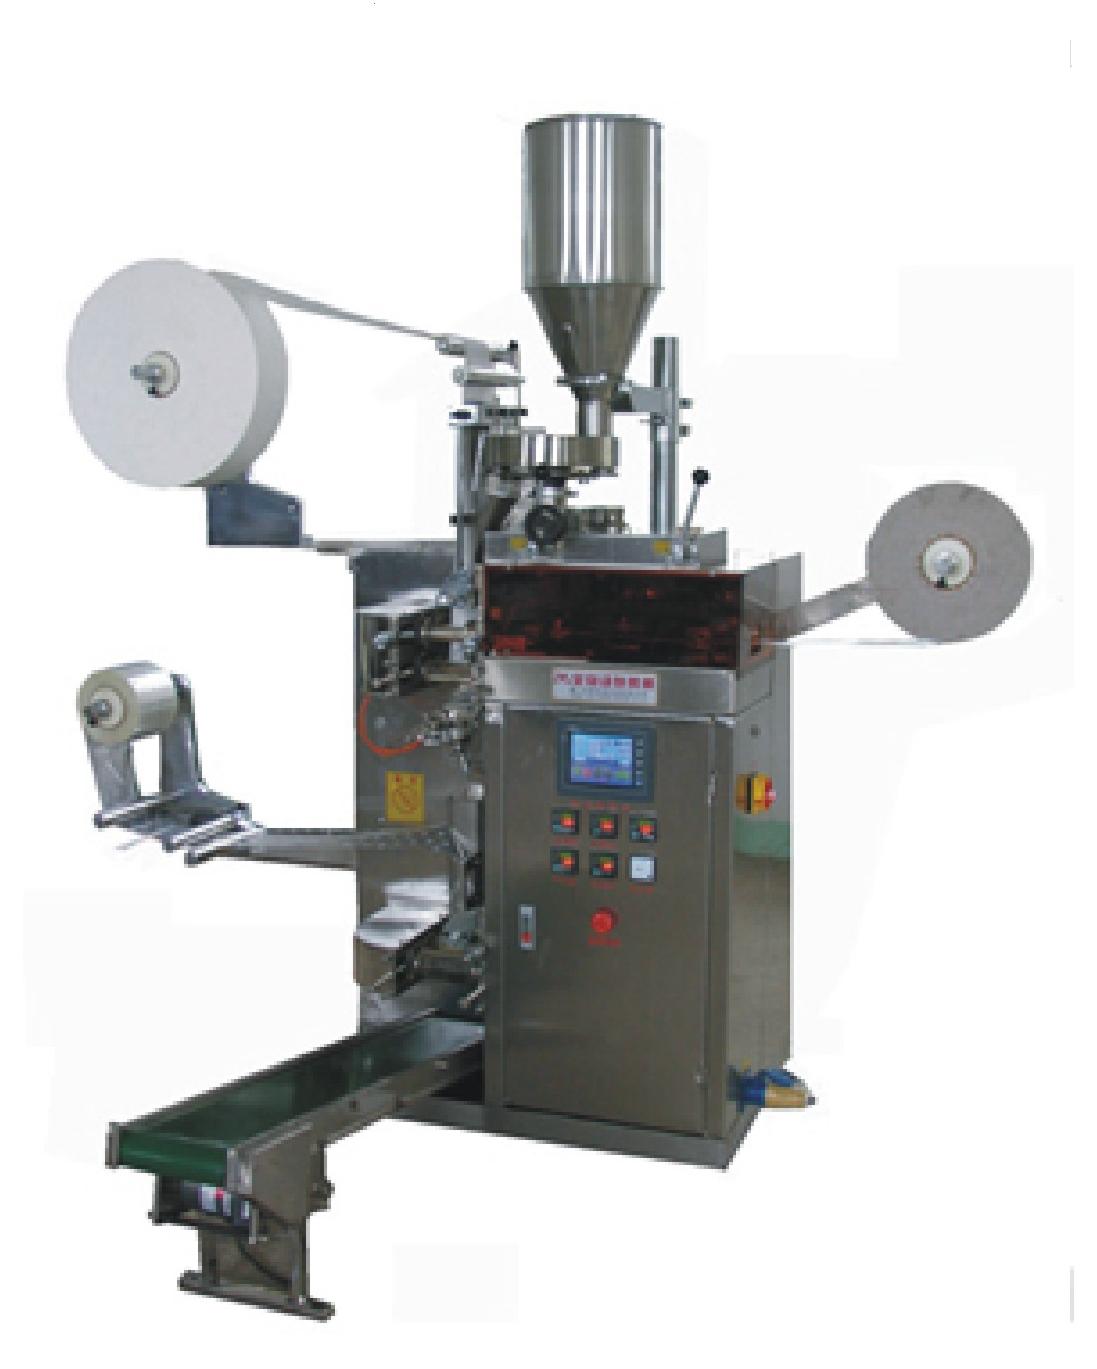 Hướng dẫn sử dụng máy đóng gói trà túi lọc YD11